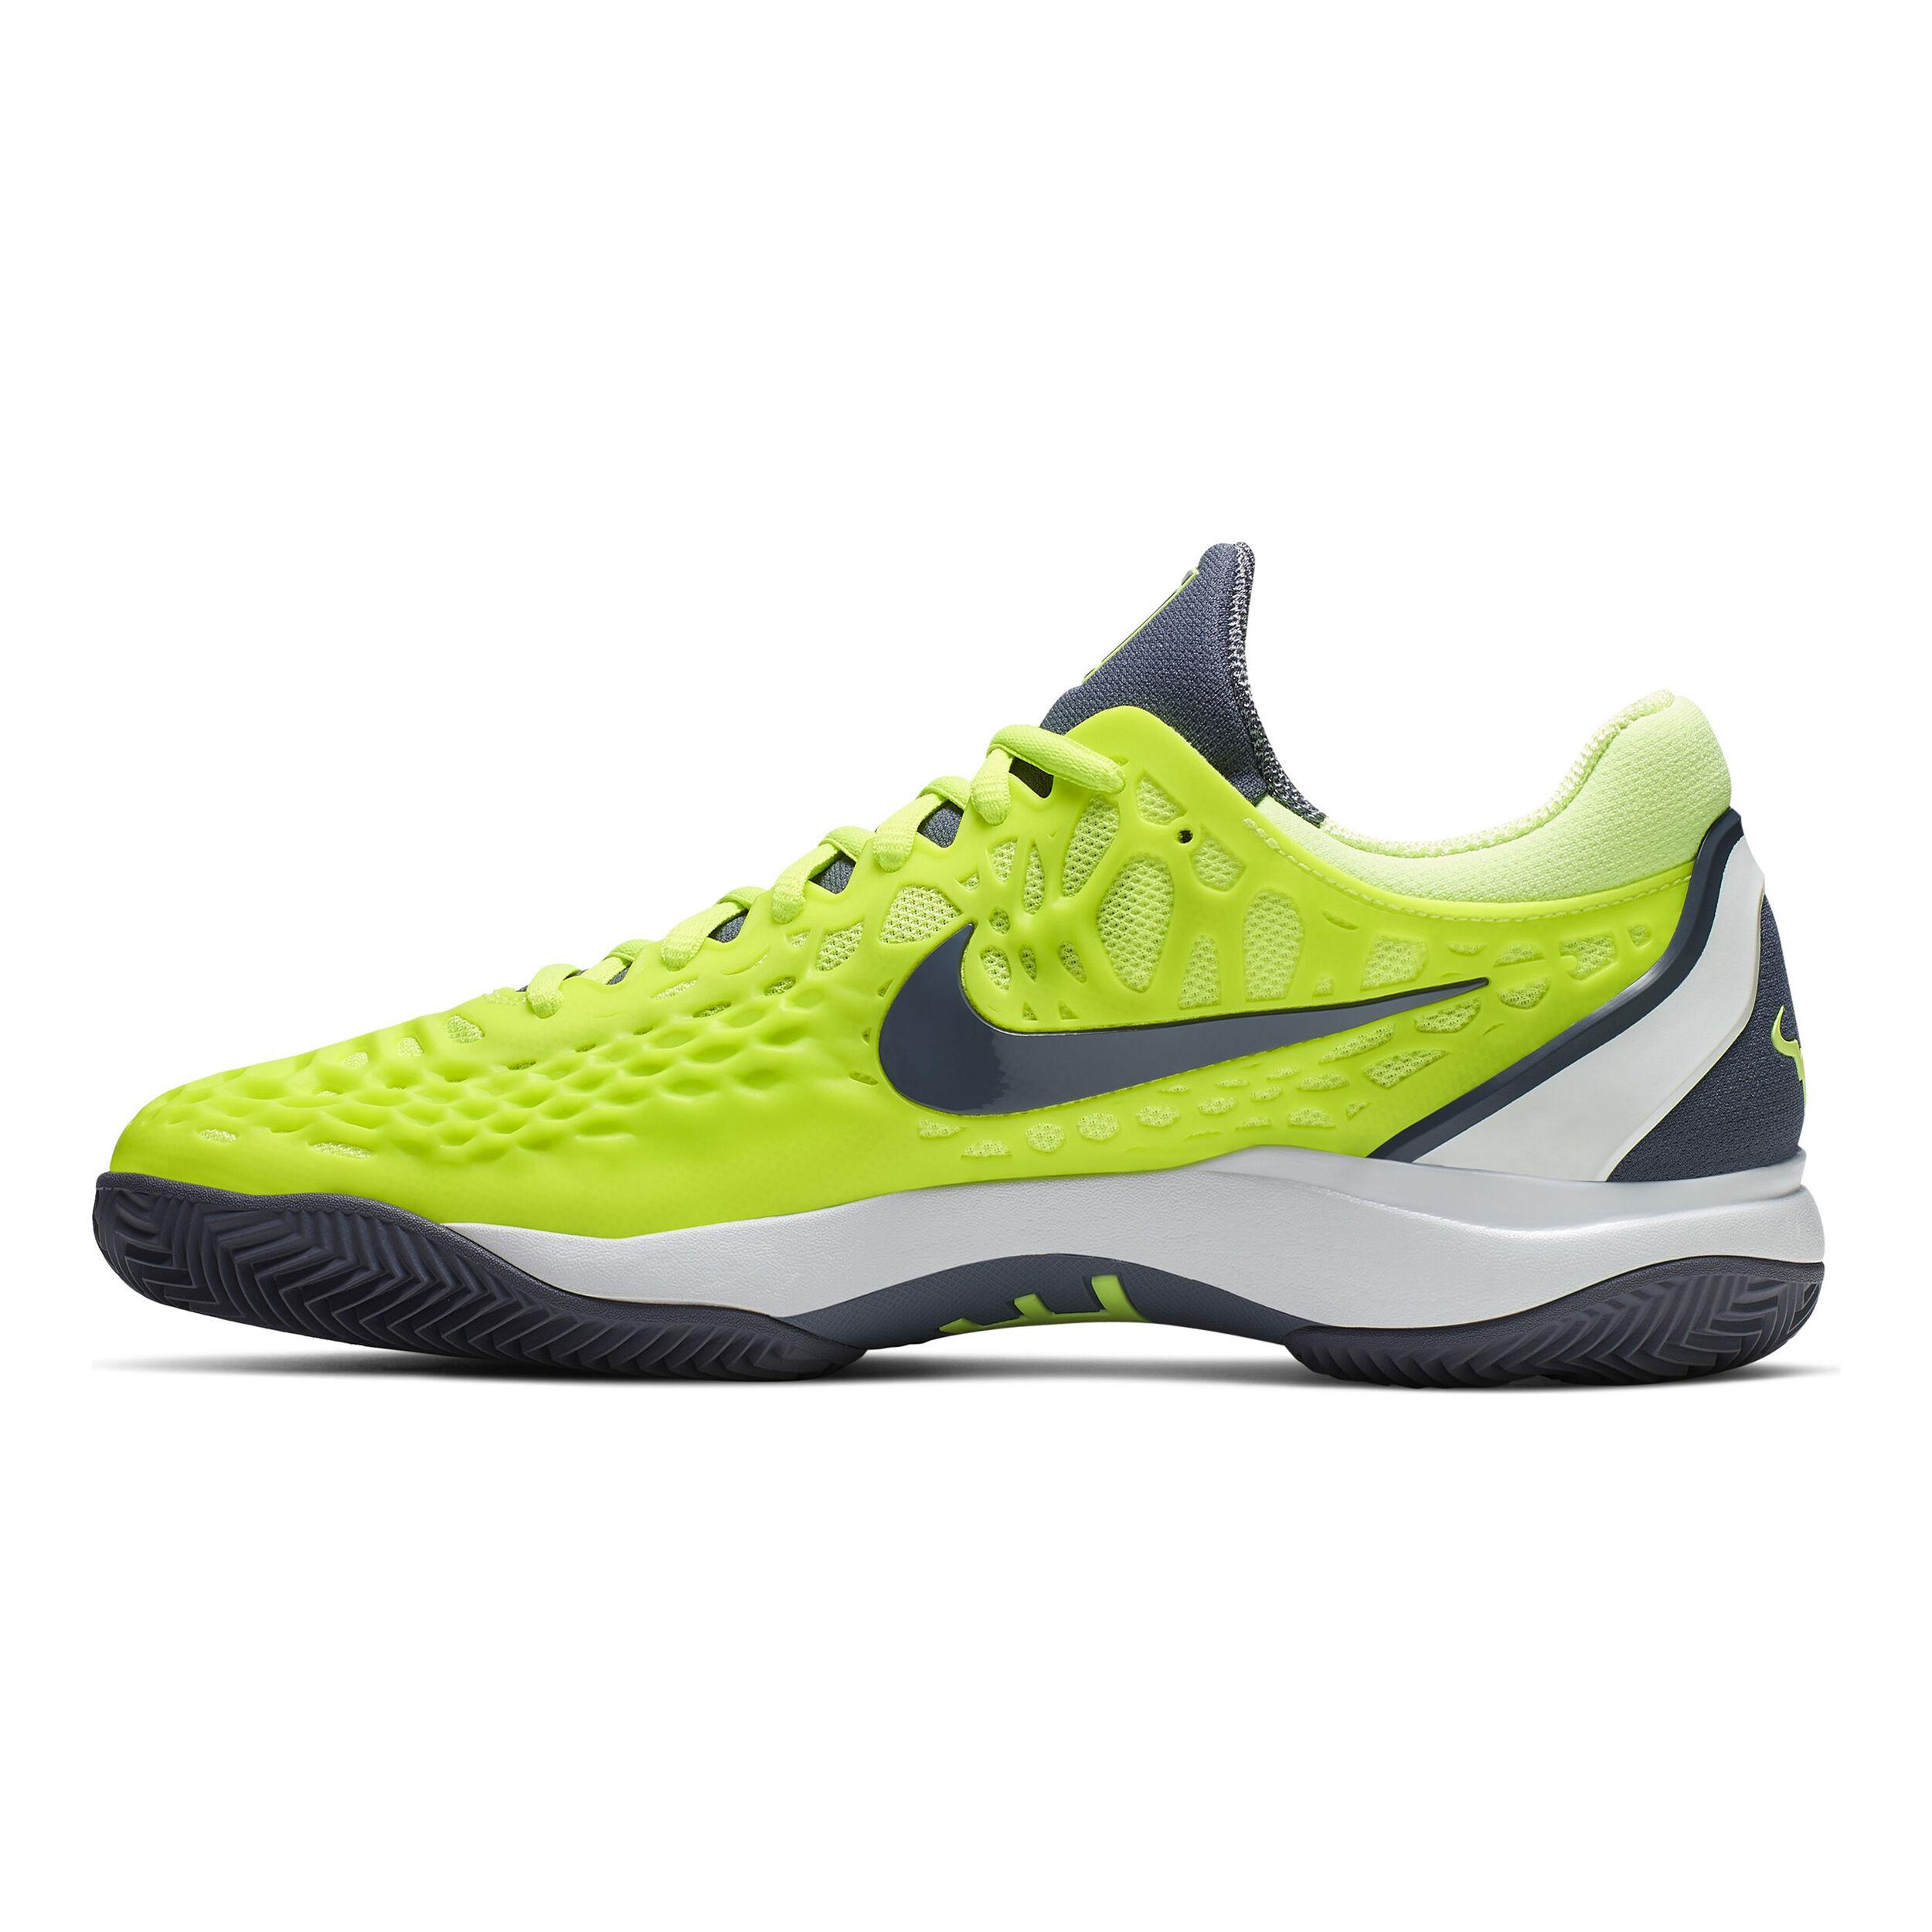 Nike Zoom Cage 3 Clay Gravelschoen Heren Citroengeel